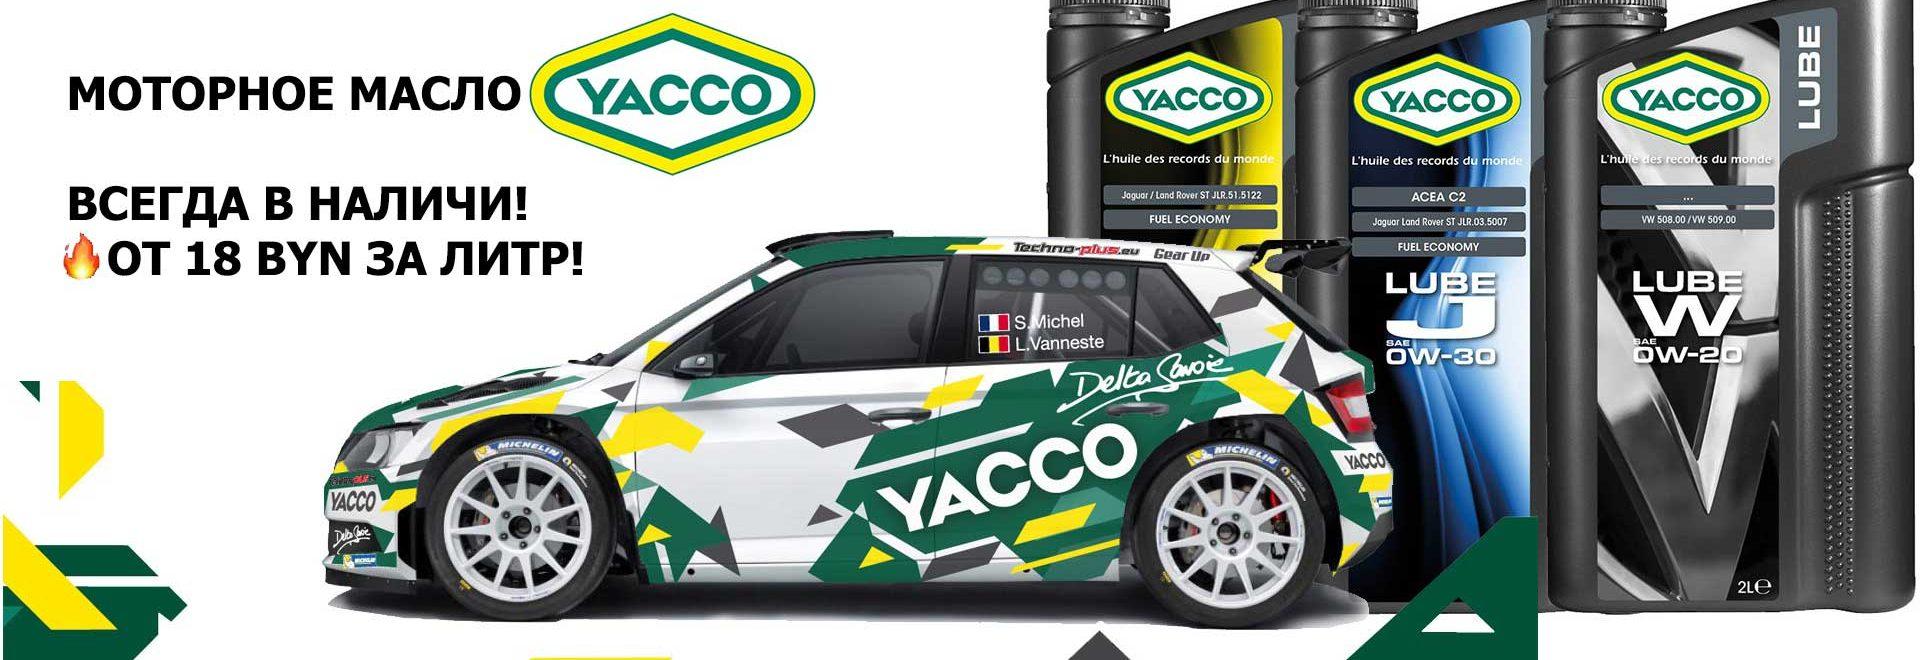 масло yacco